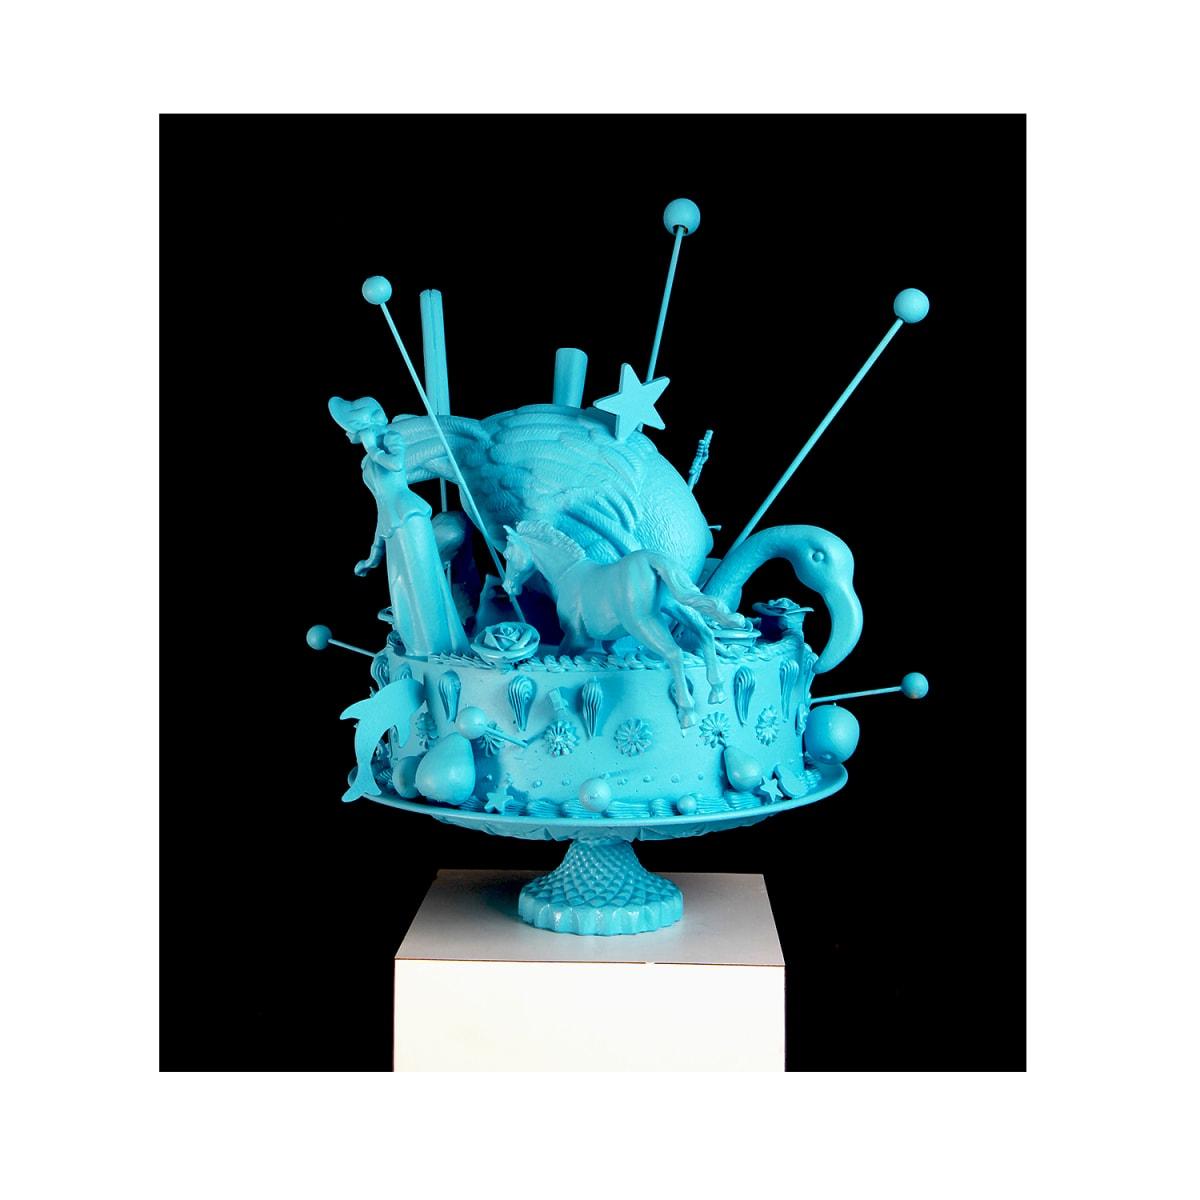 Cake Atomics, 2011